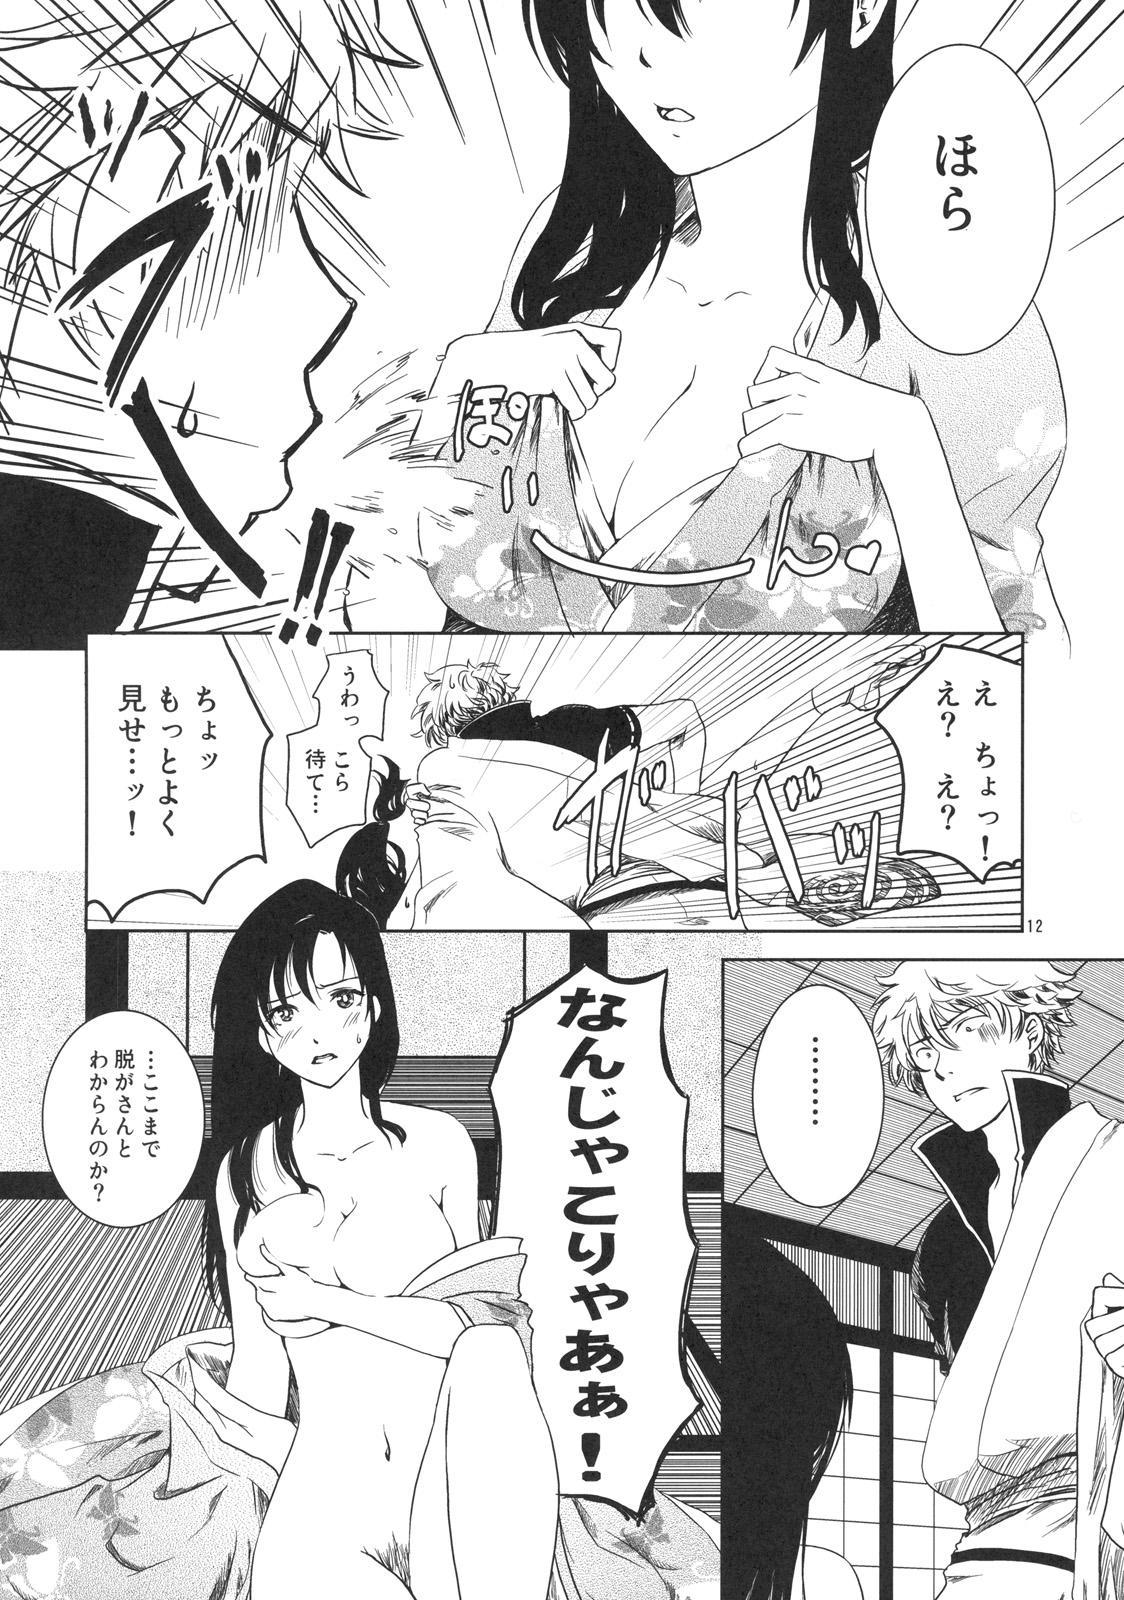 Osananajimi wo Harama Serutatta Hitotsu 10